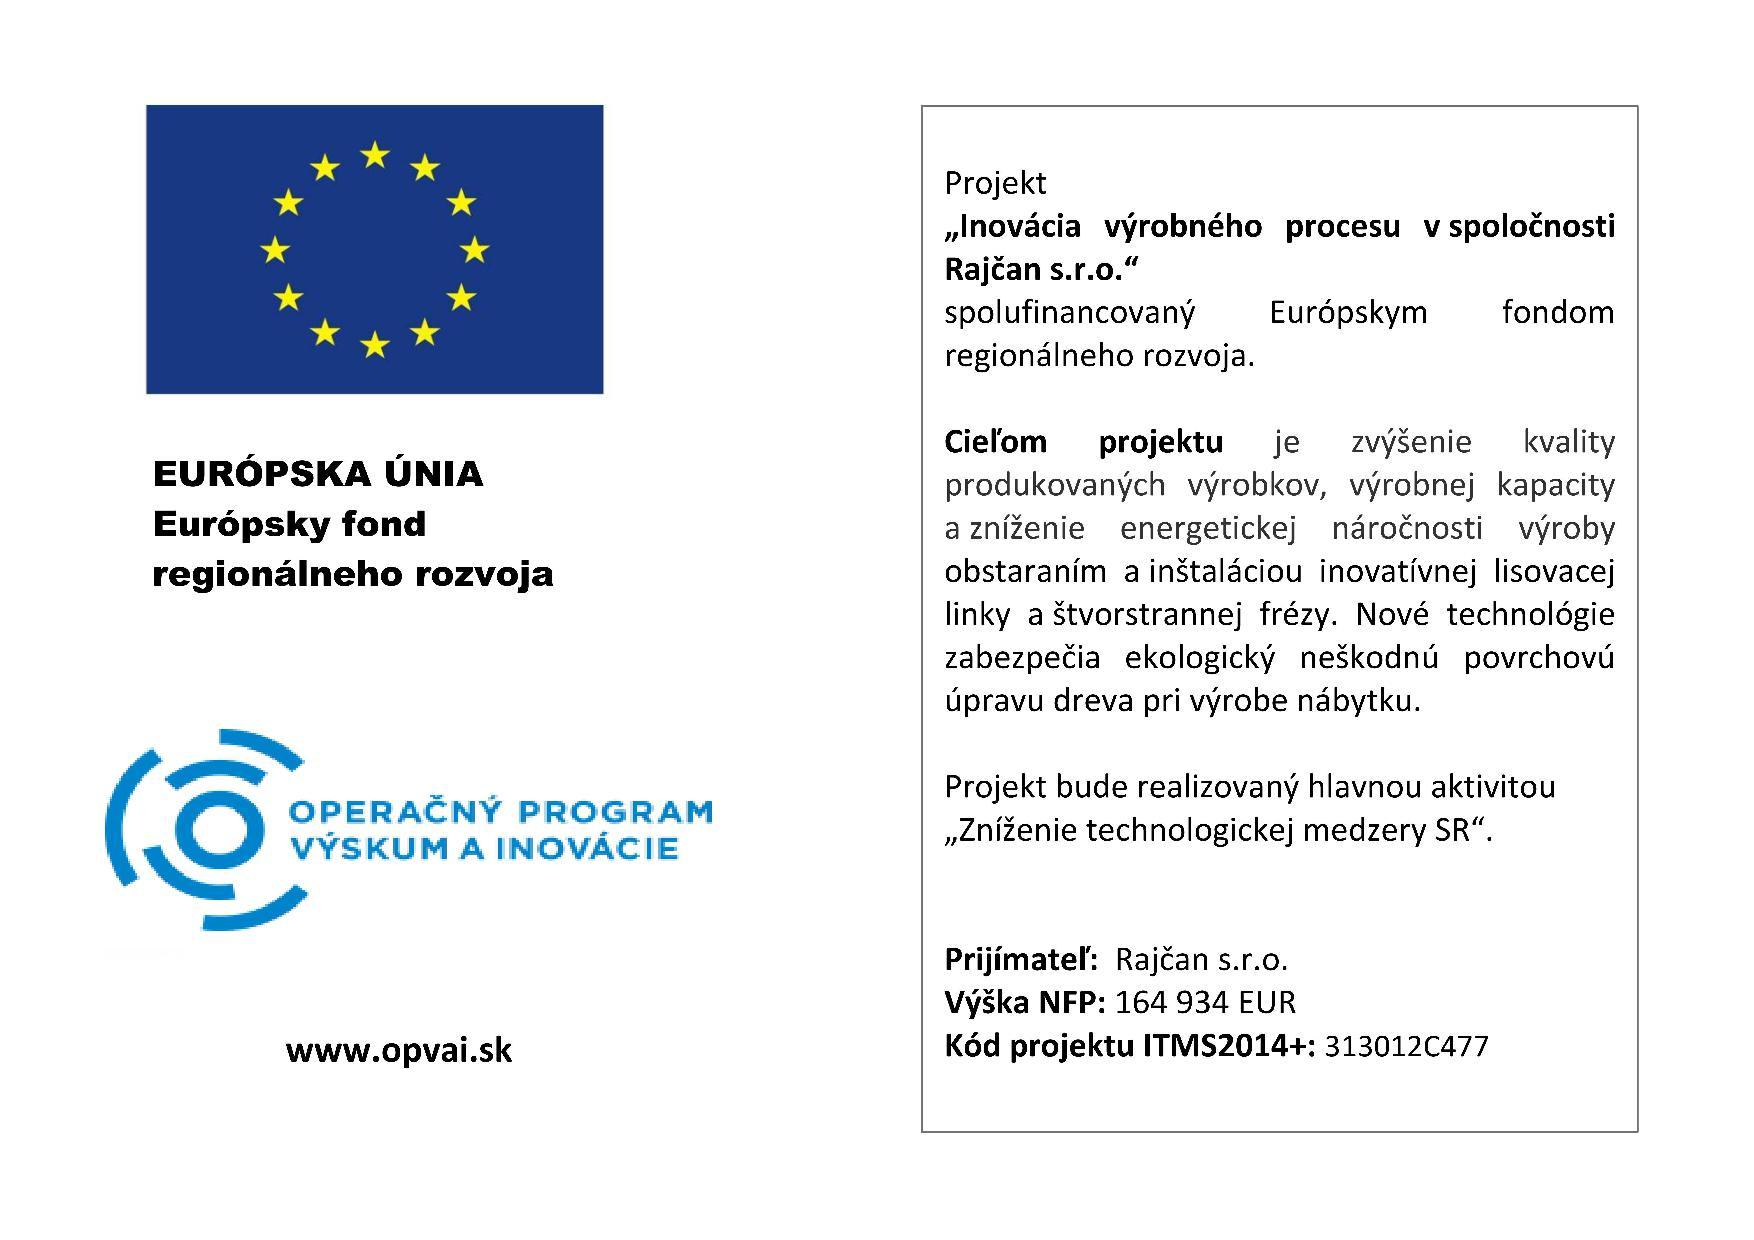 Inovácia výrobného procesu v spoločnosti Rajčan, s.r.o.